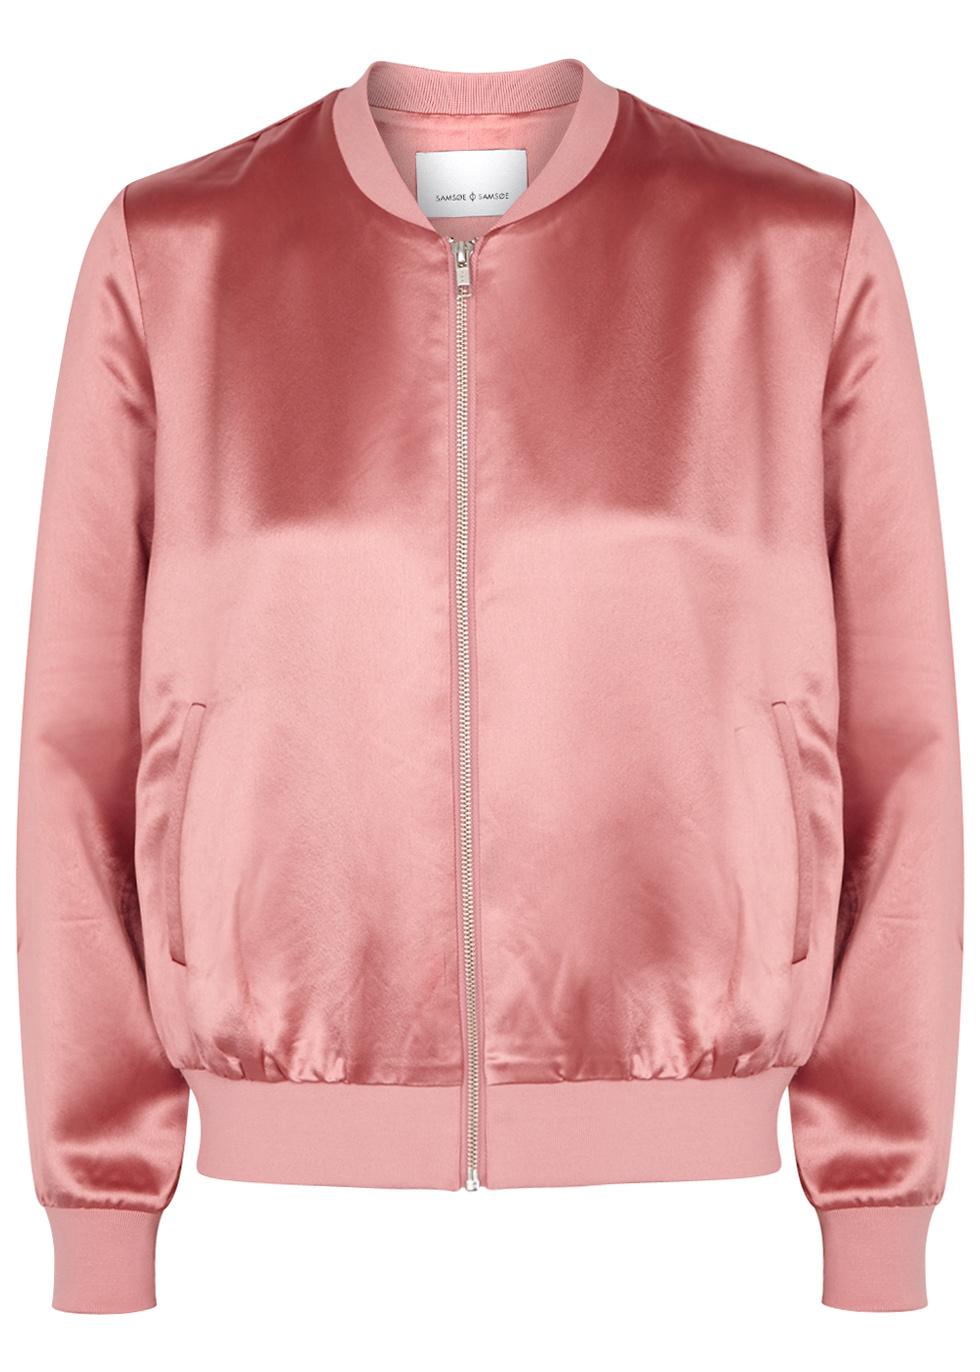 SAMS0E & SAMS0E Cara Pink Satin Bomber Jacket